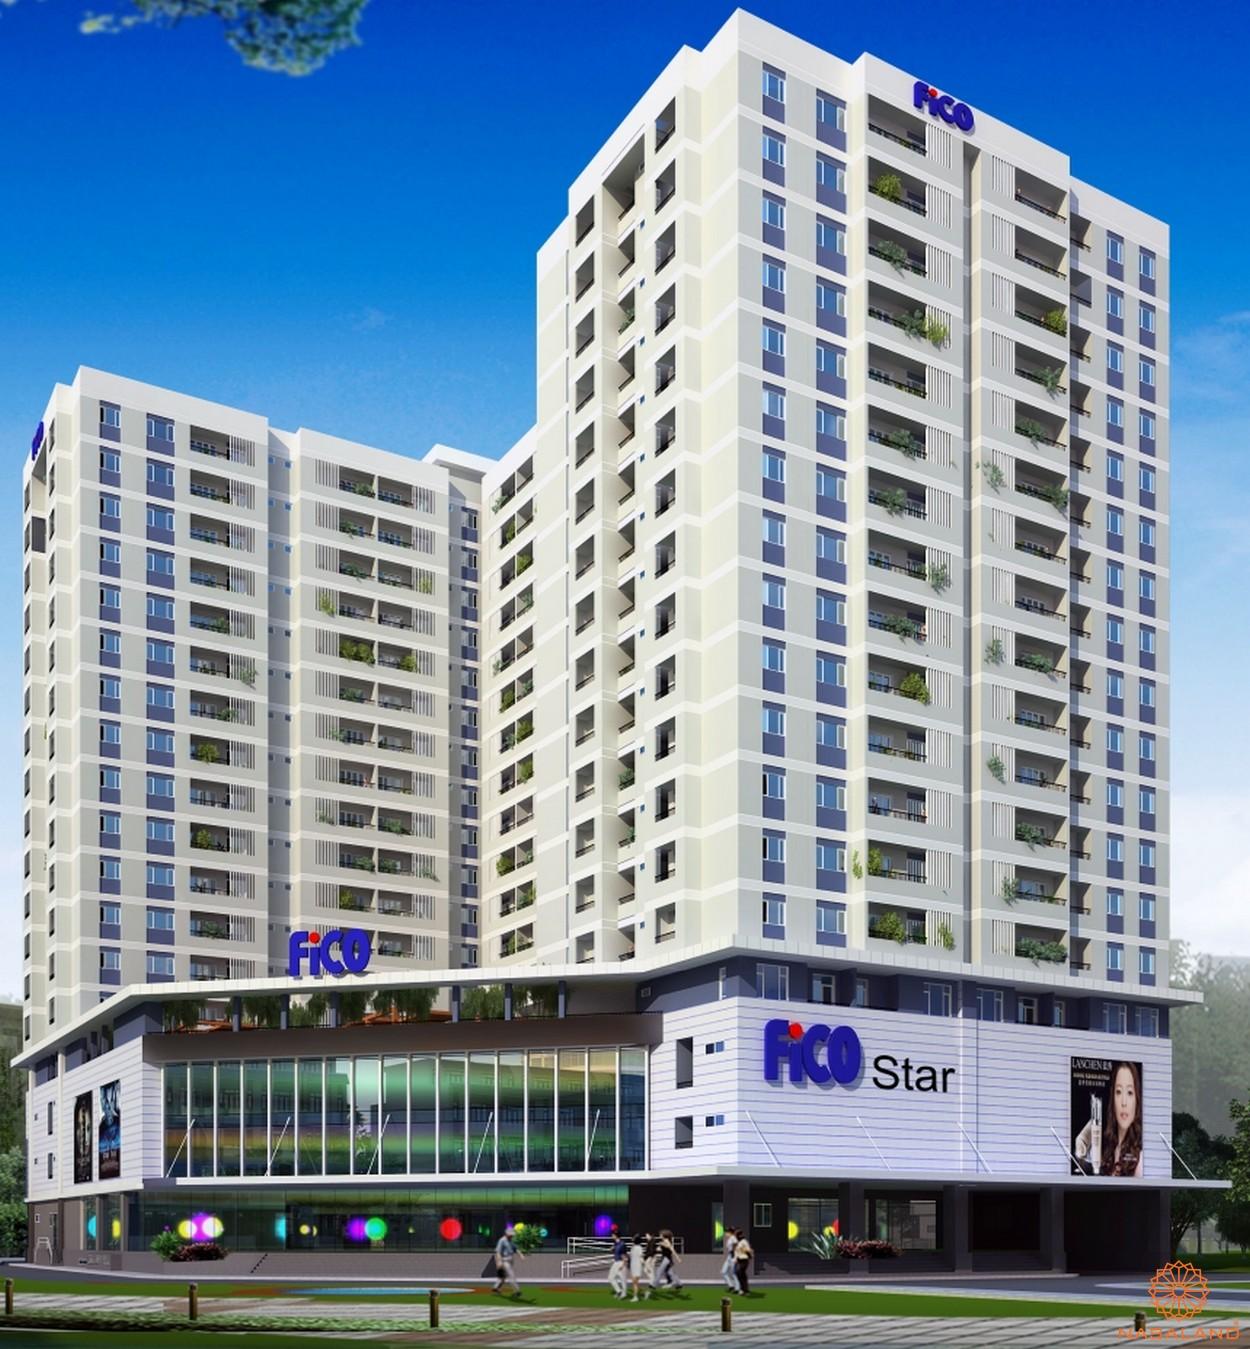 Phối cảnh dự án căn hộ Fico Star